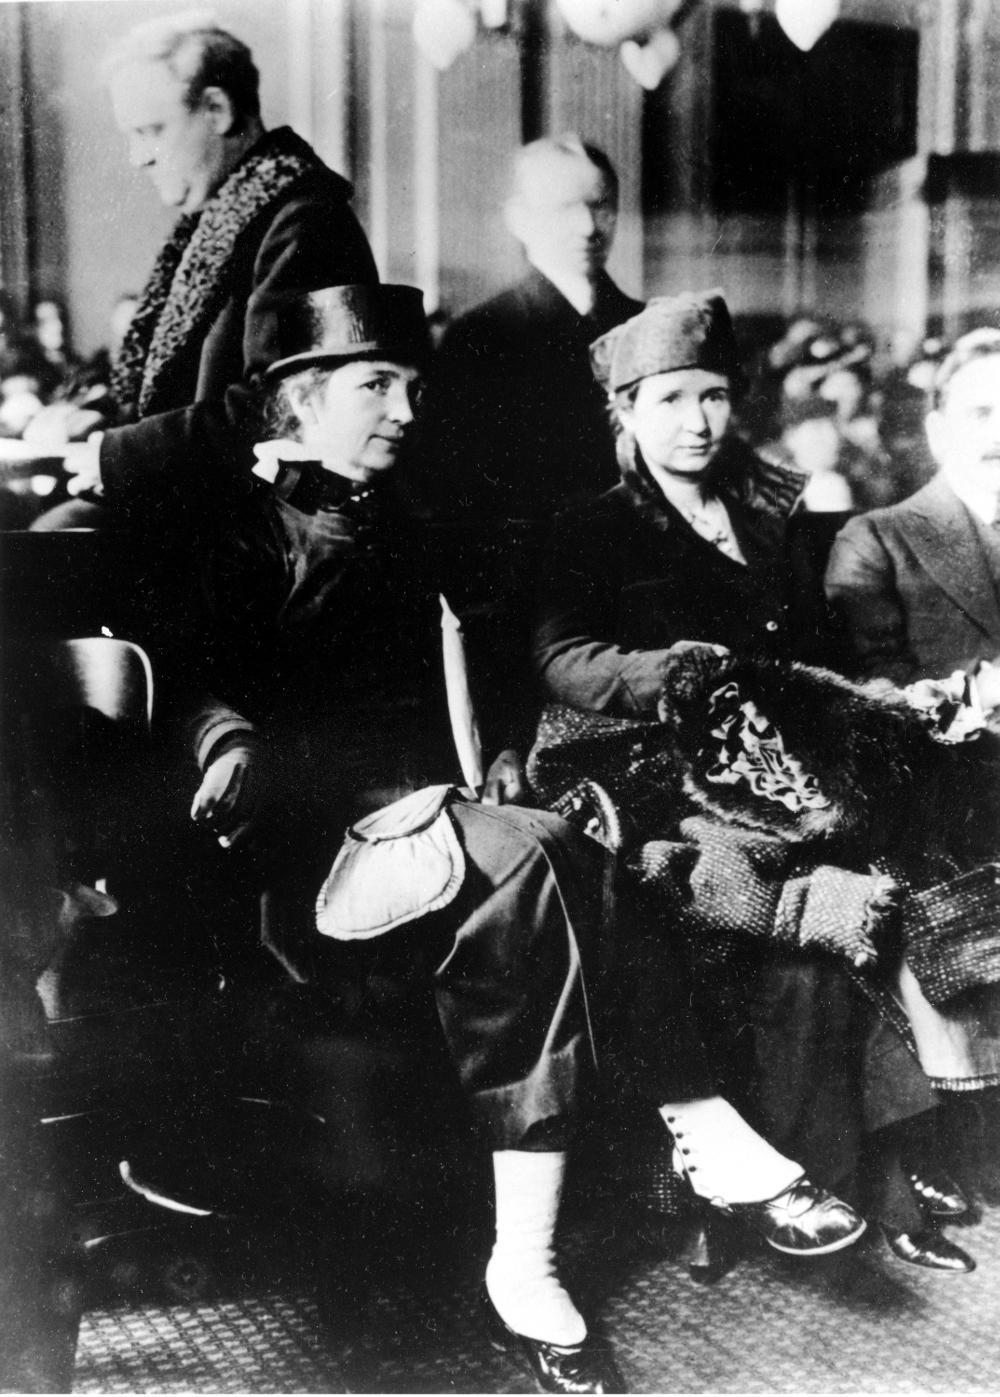 Η Μάγκαρετ Σέινγκερ πάλεψε και διώχθηκε από τις αρχές του αιώνα για τις απόψεις της αναφορικά με την αντισύλληψη